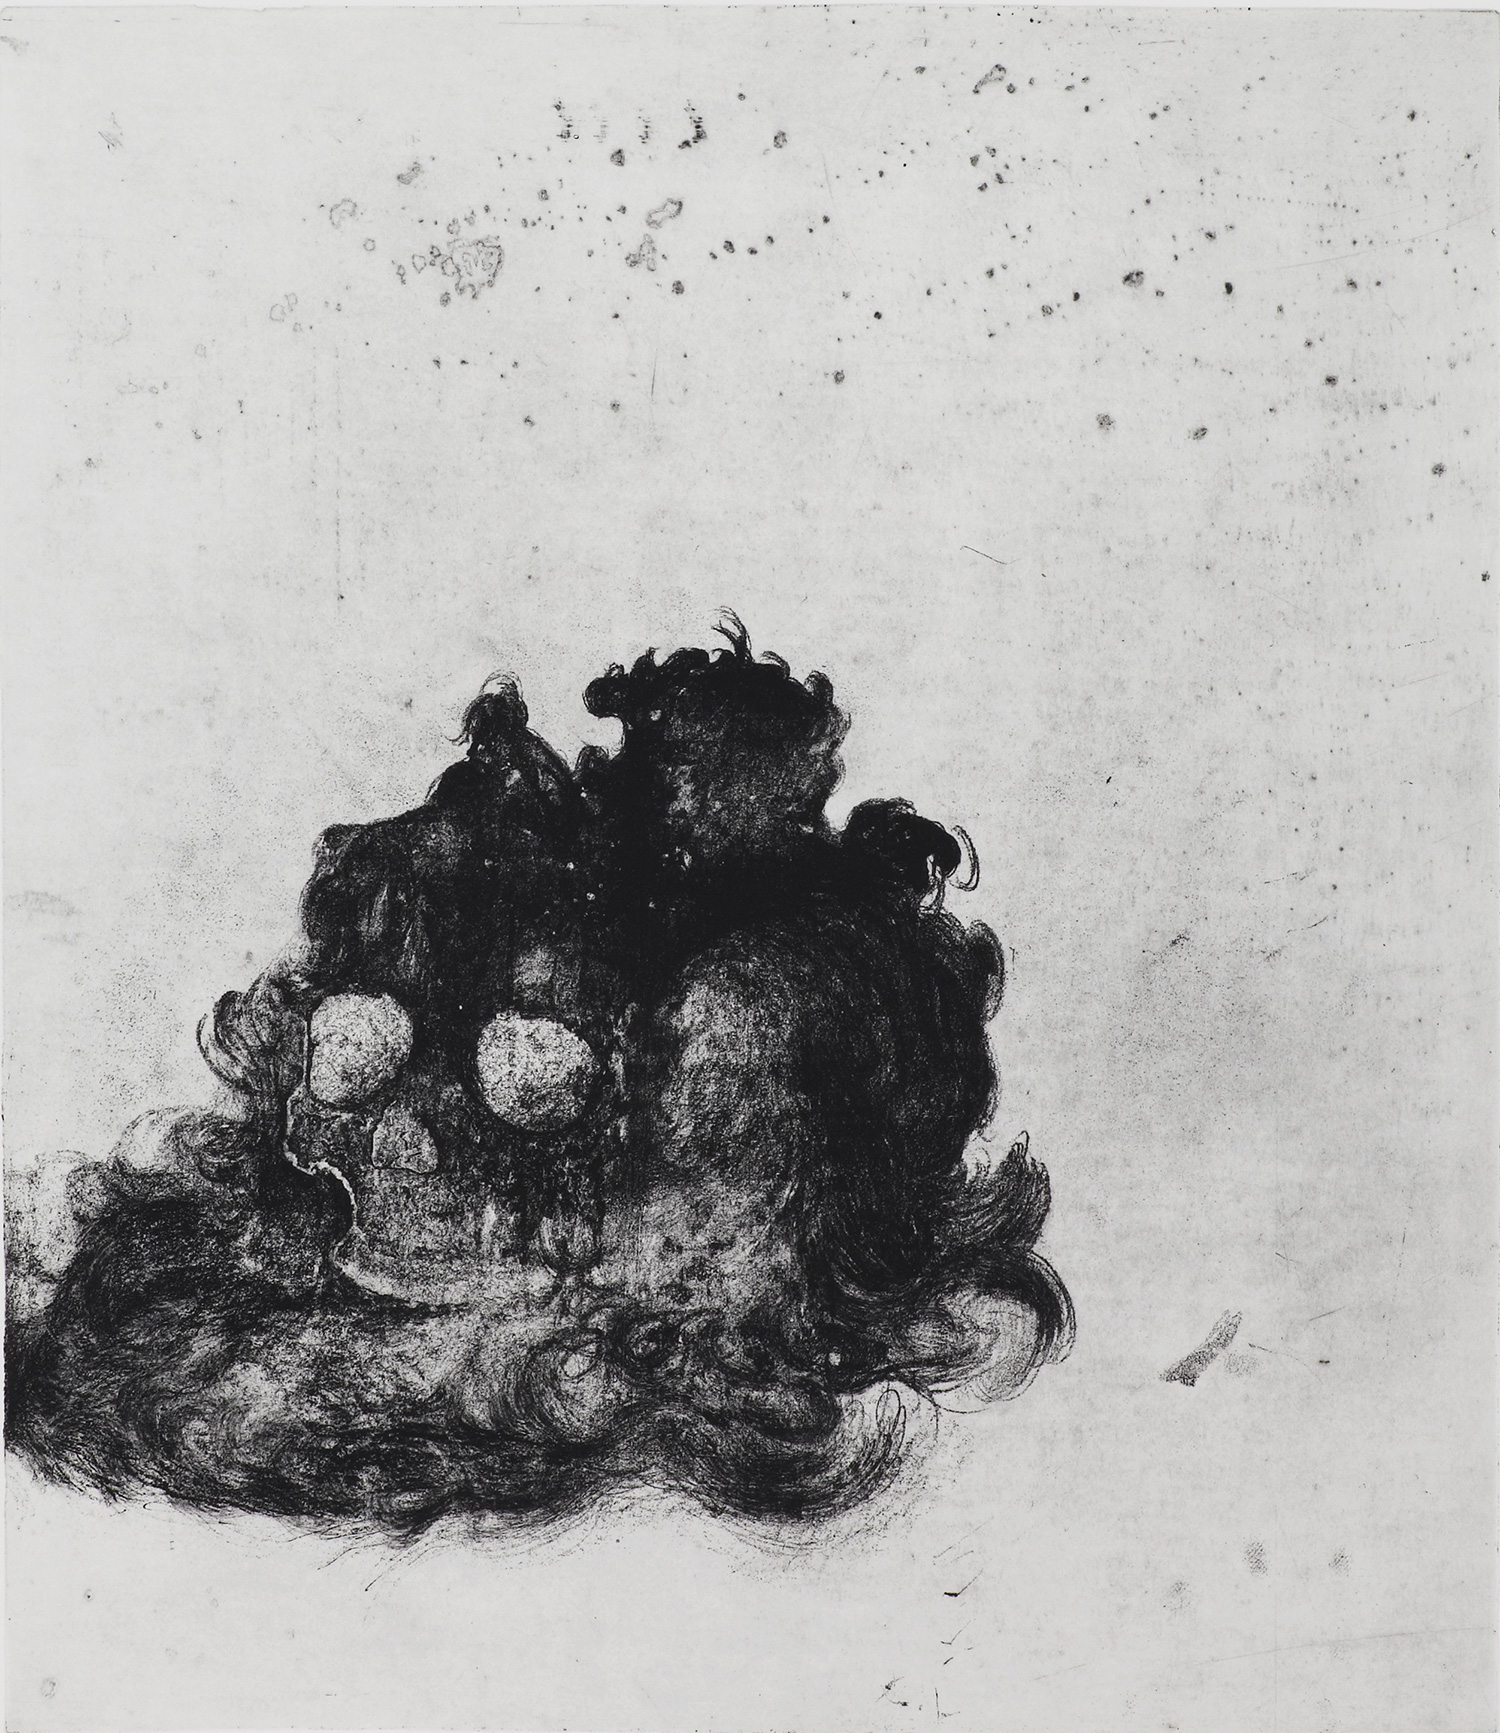 <i>méditation</i>, 2011, vernis mou et pointe sèche, 75x63cm